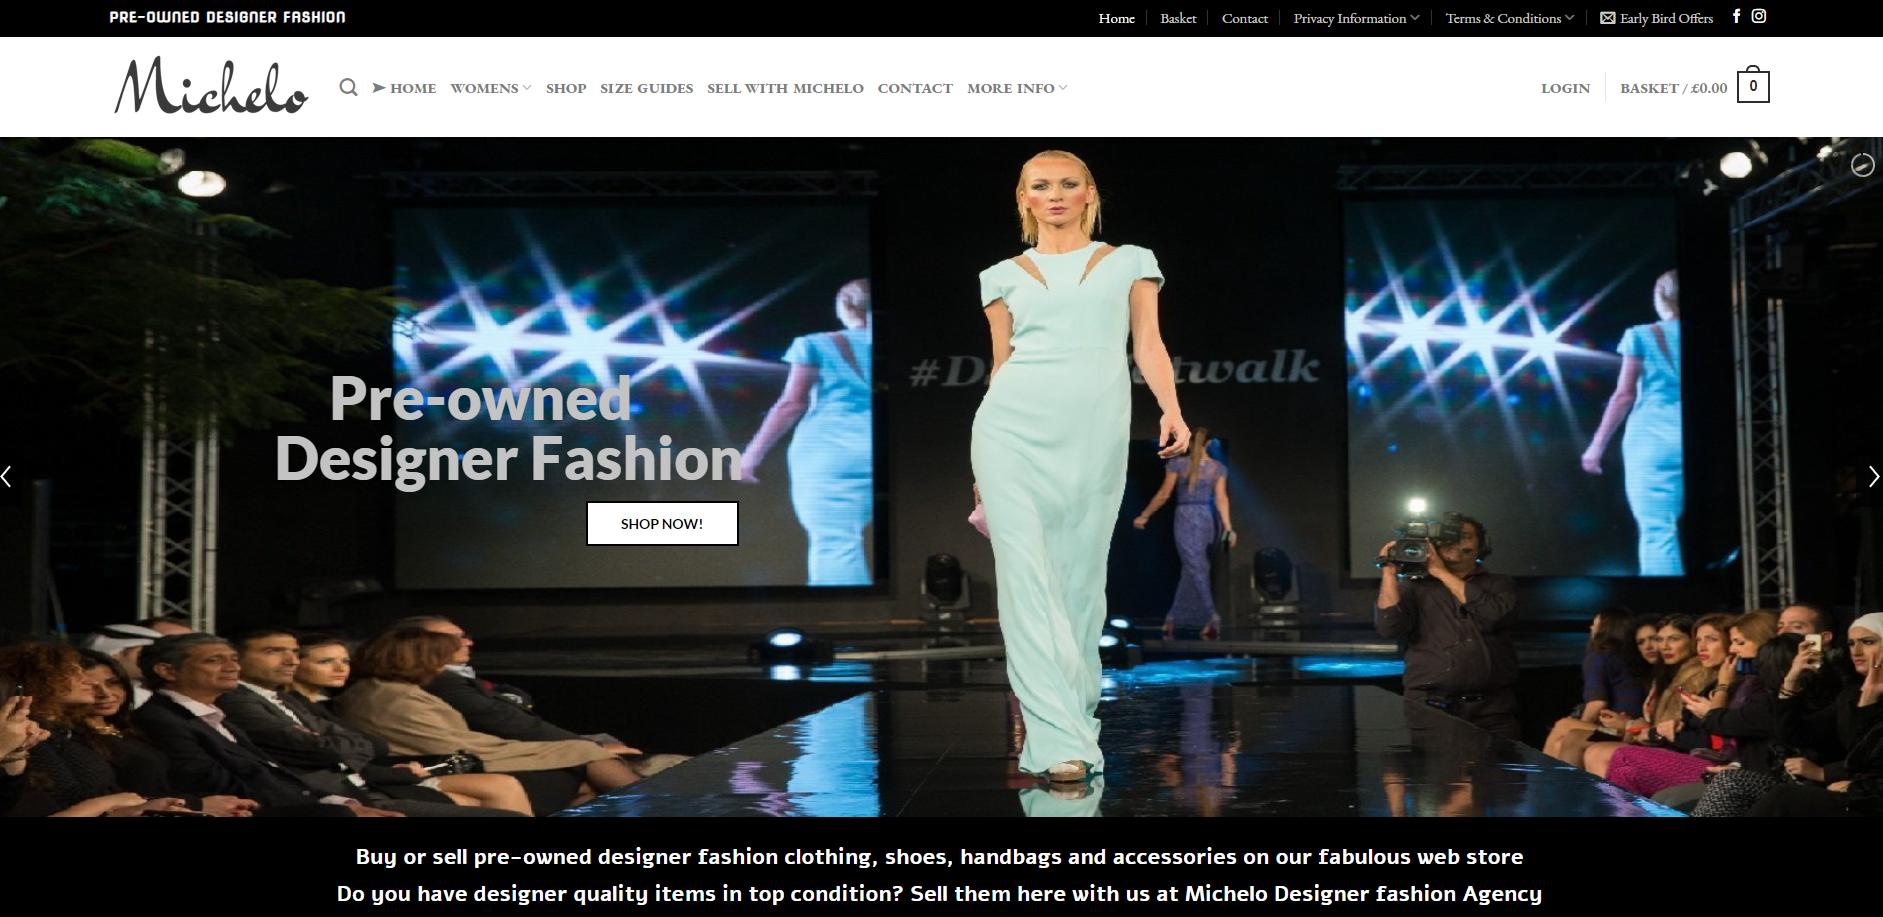 Michelo Haak Website By T900 Website Design in Surrey